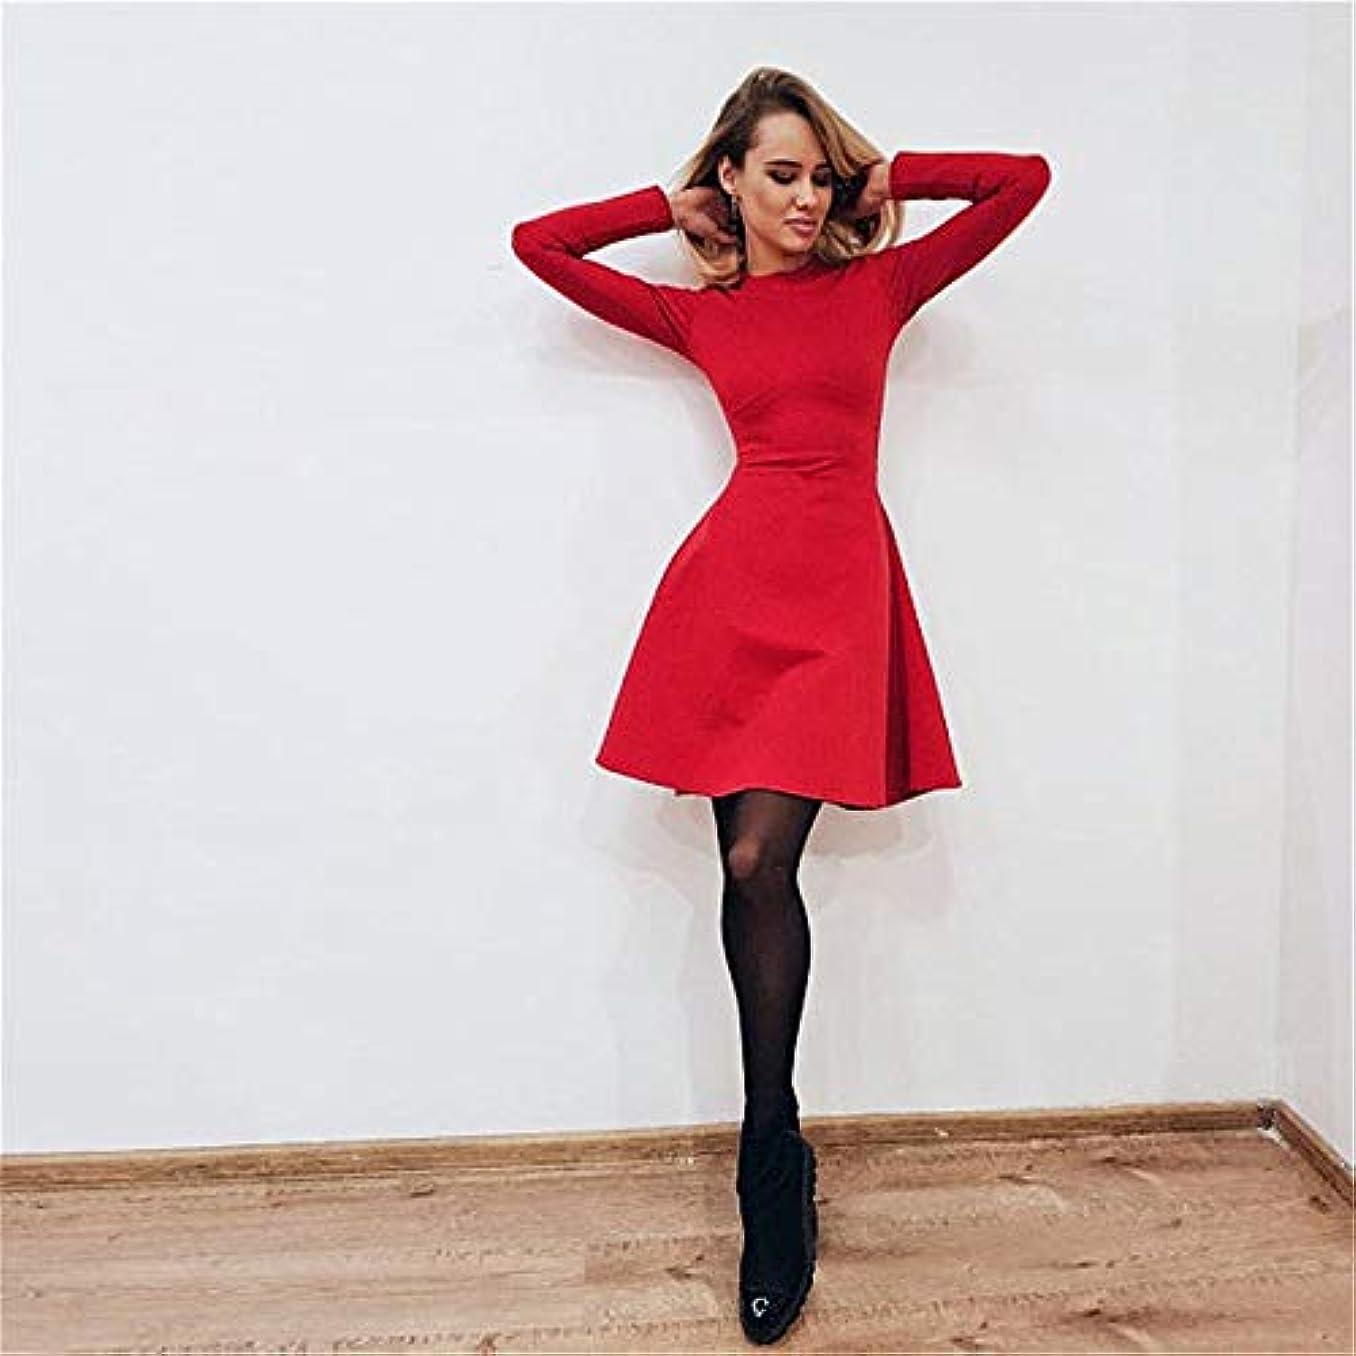 対抗から聞くシャイOnderroa - 秋と冬の新しい女性の長袖タイトフィットドレスの秋と冬のスリムでエレガントな品質のミニドレス